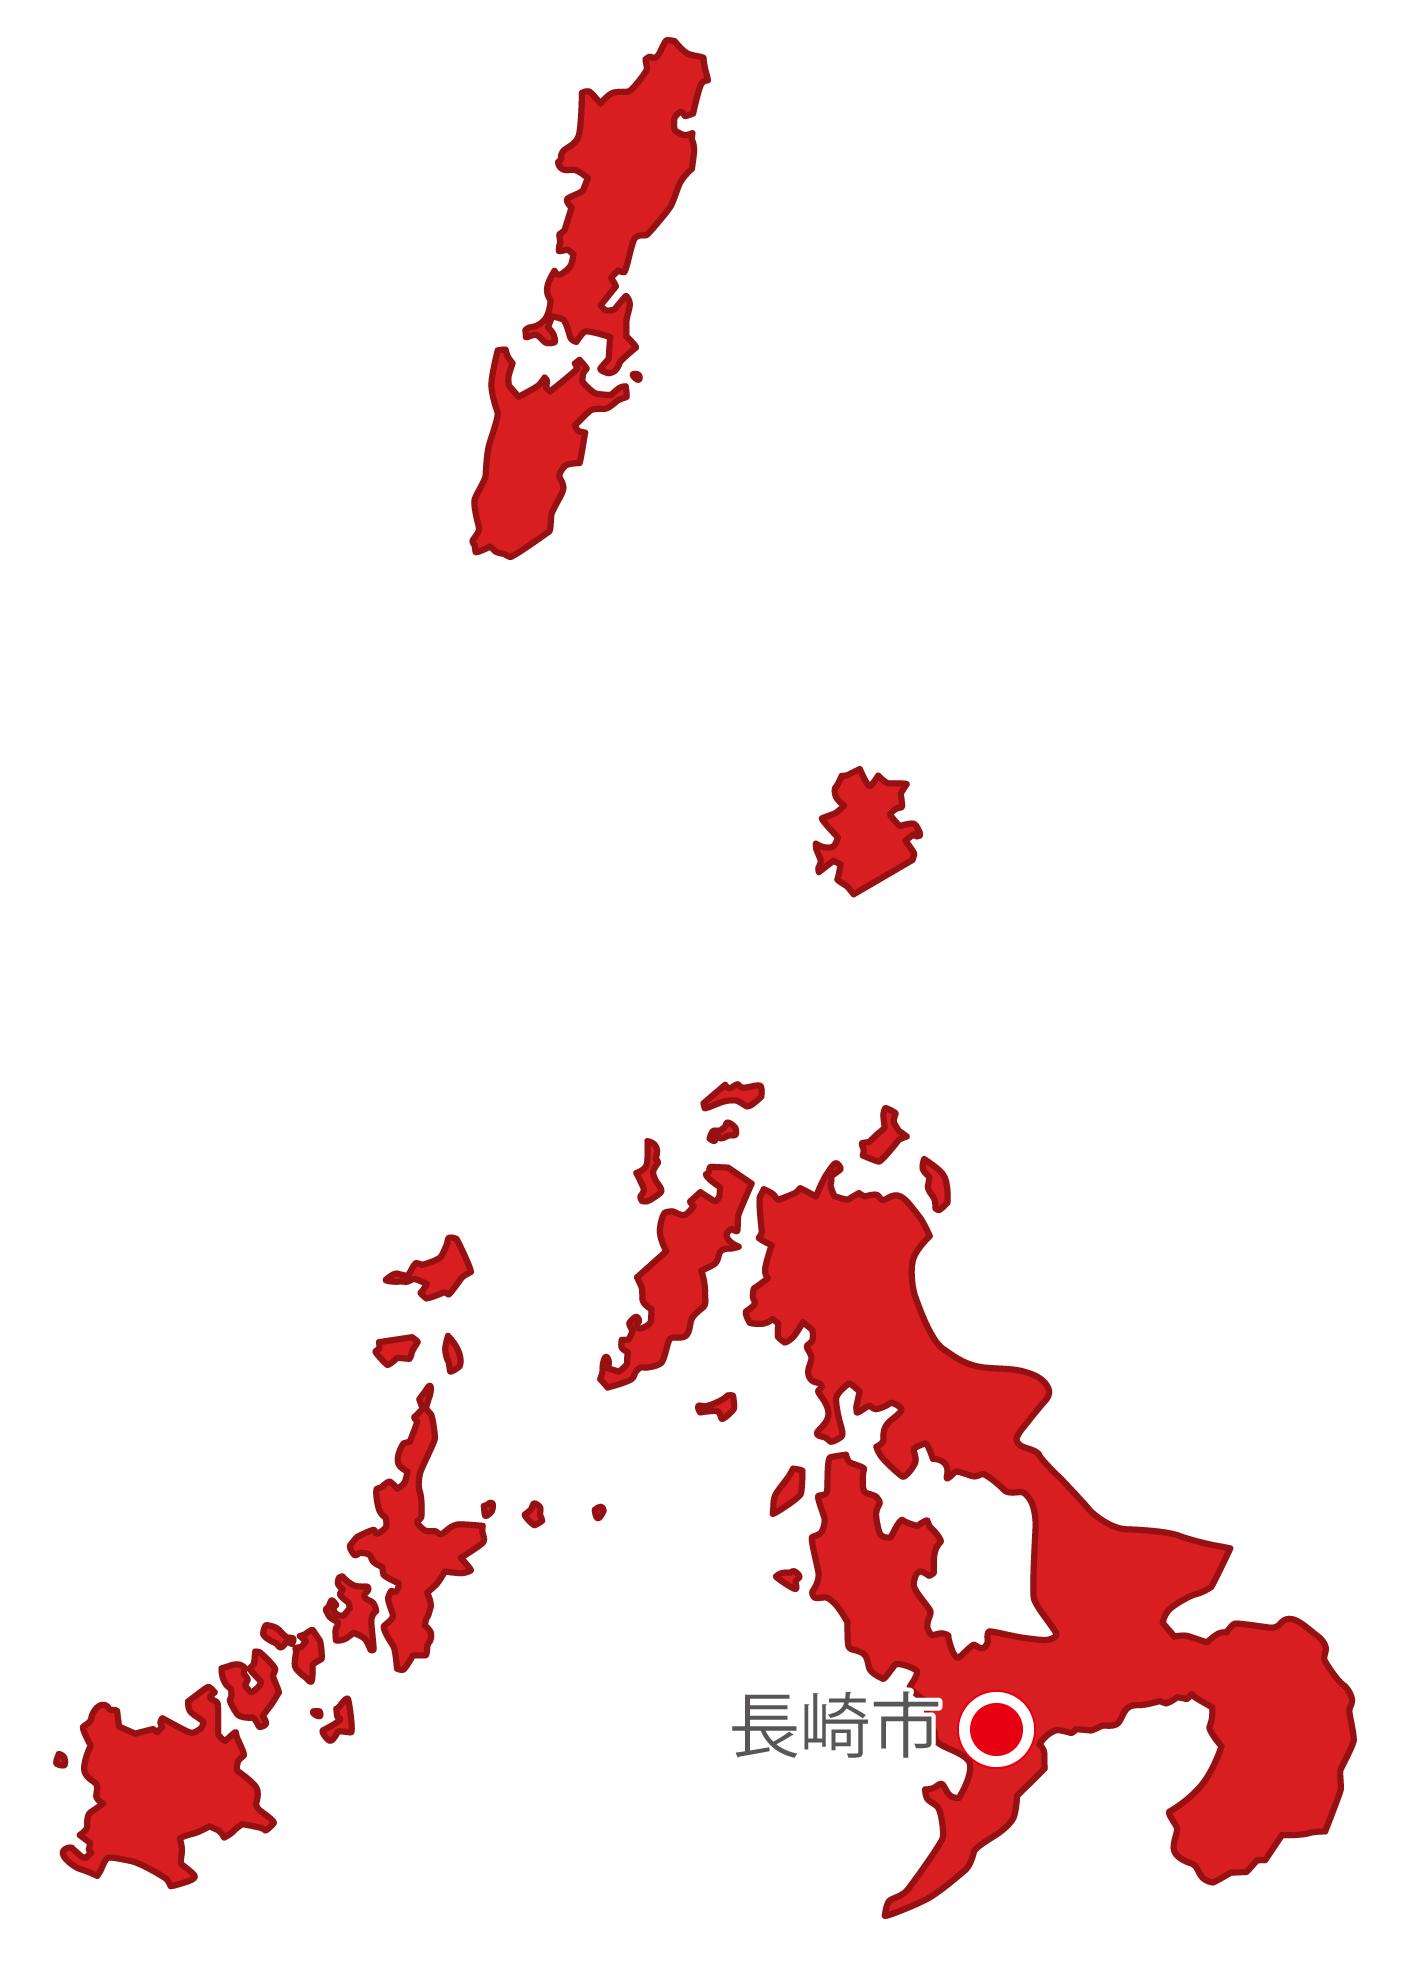 長崎県無料フリーイラスト|日本語・県庁所在地あり(赤)